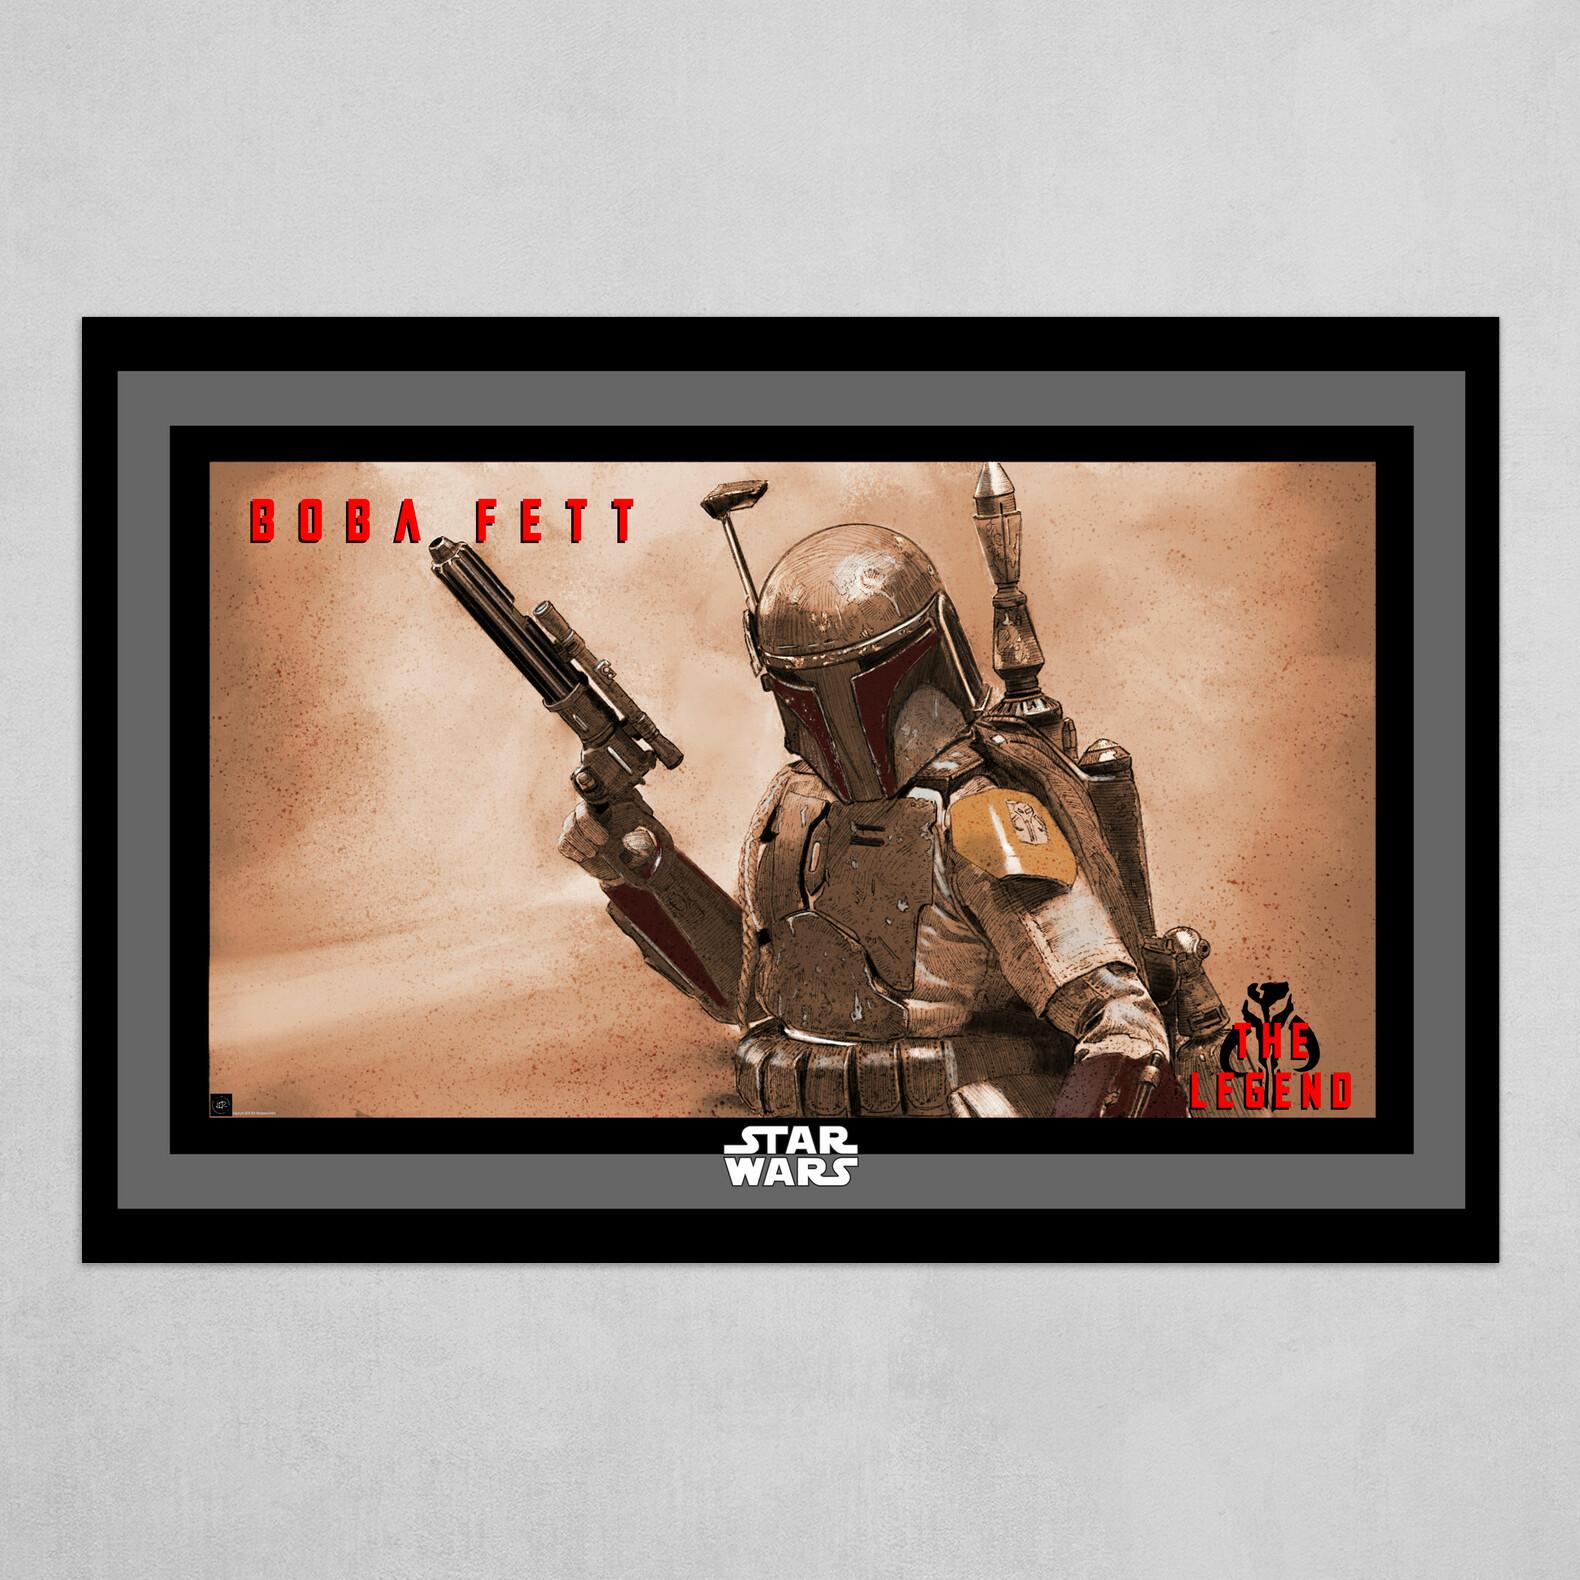 Boba Fett - The Legend Poster